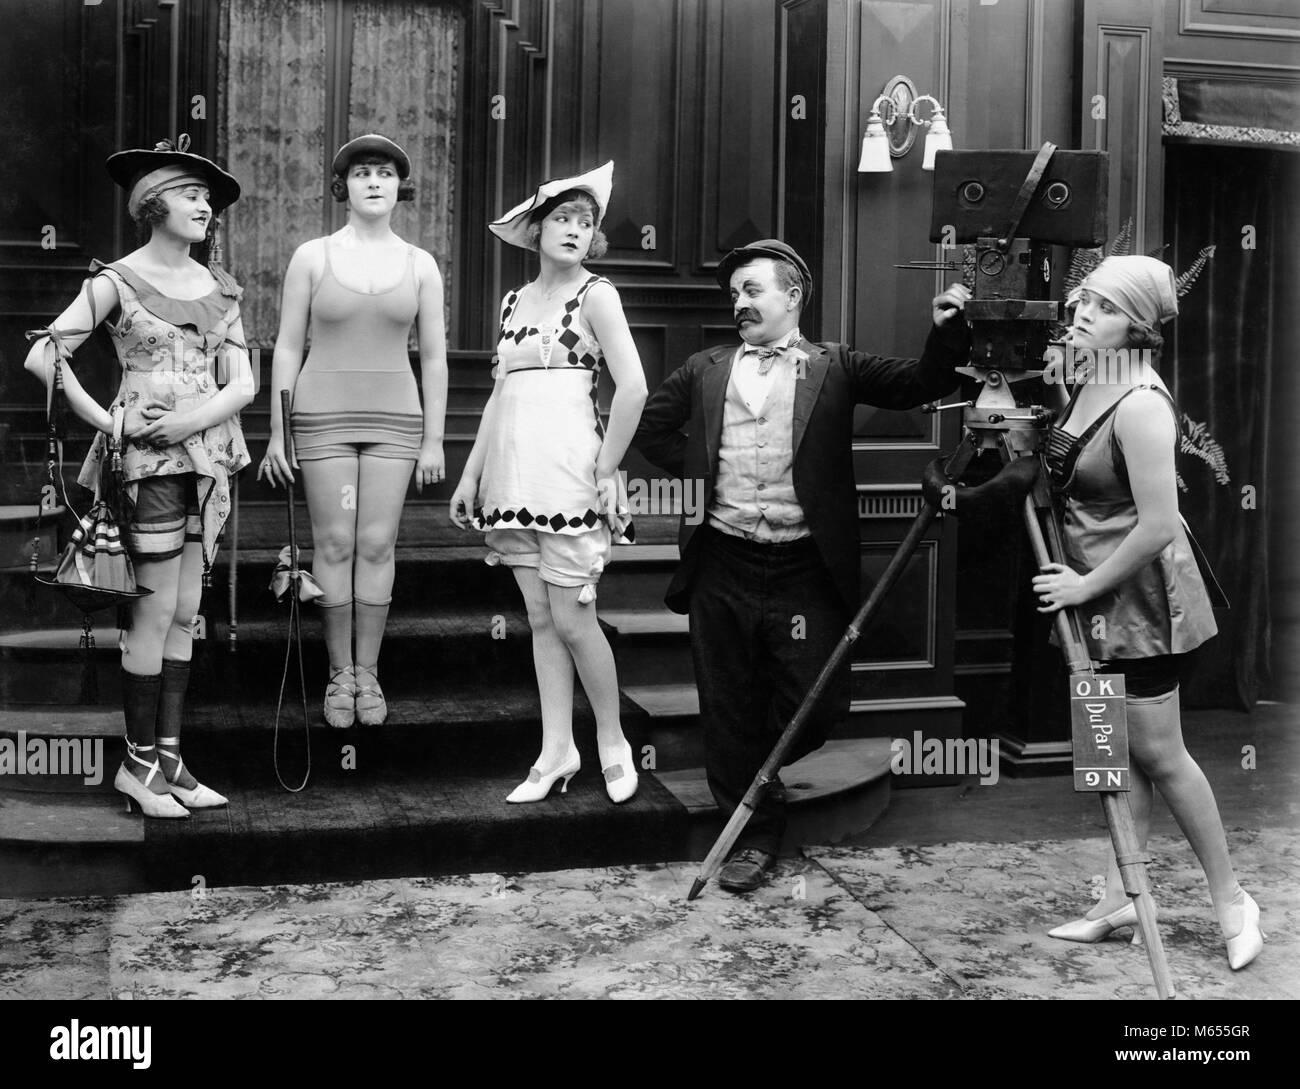 5cacc0f68ec754 1910 COMIC FOTOGRAF MIT MODELLEN IN KNAPPEN BADEANZÜGE STUMMFILM NOCH-asm  00721 CAM001 HARS 18-19 JAHRE POSING SILENT 1910s Komödie SILENT MOVIE  KLEINE ...